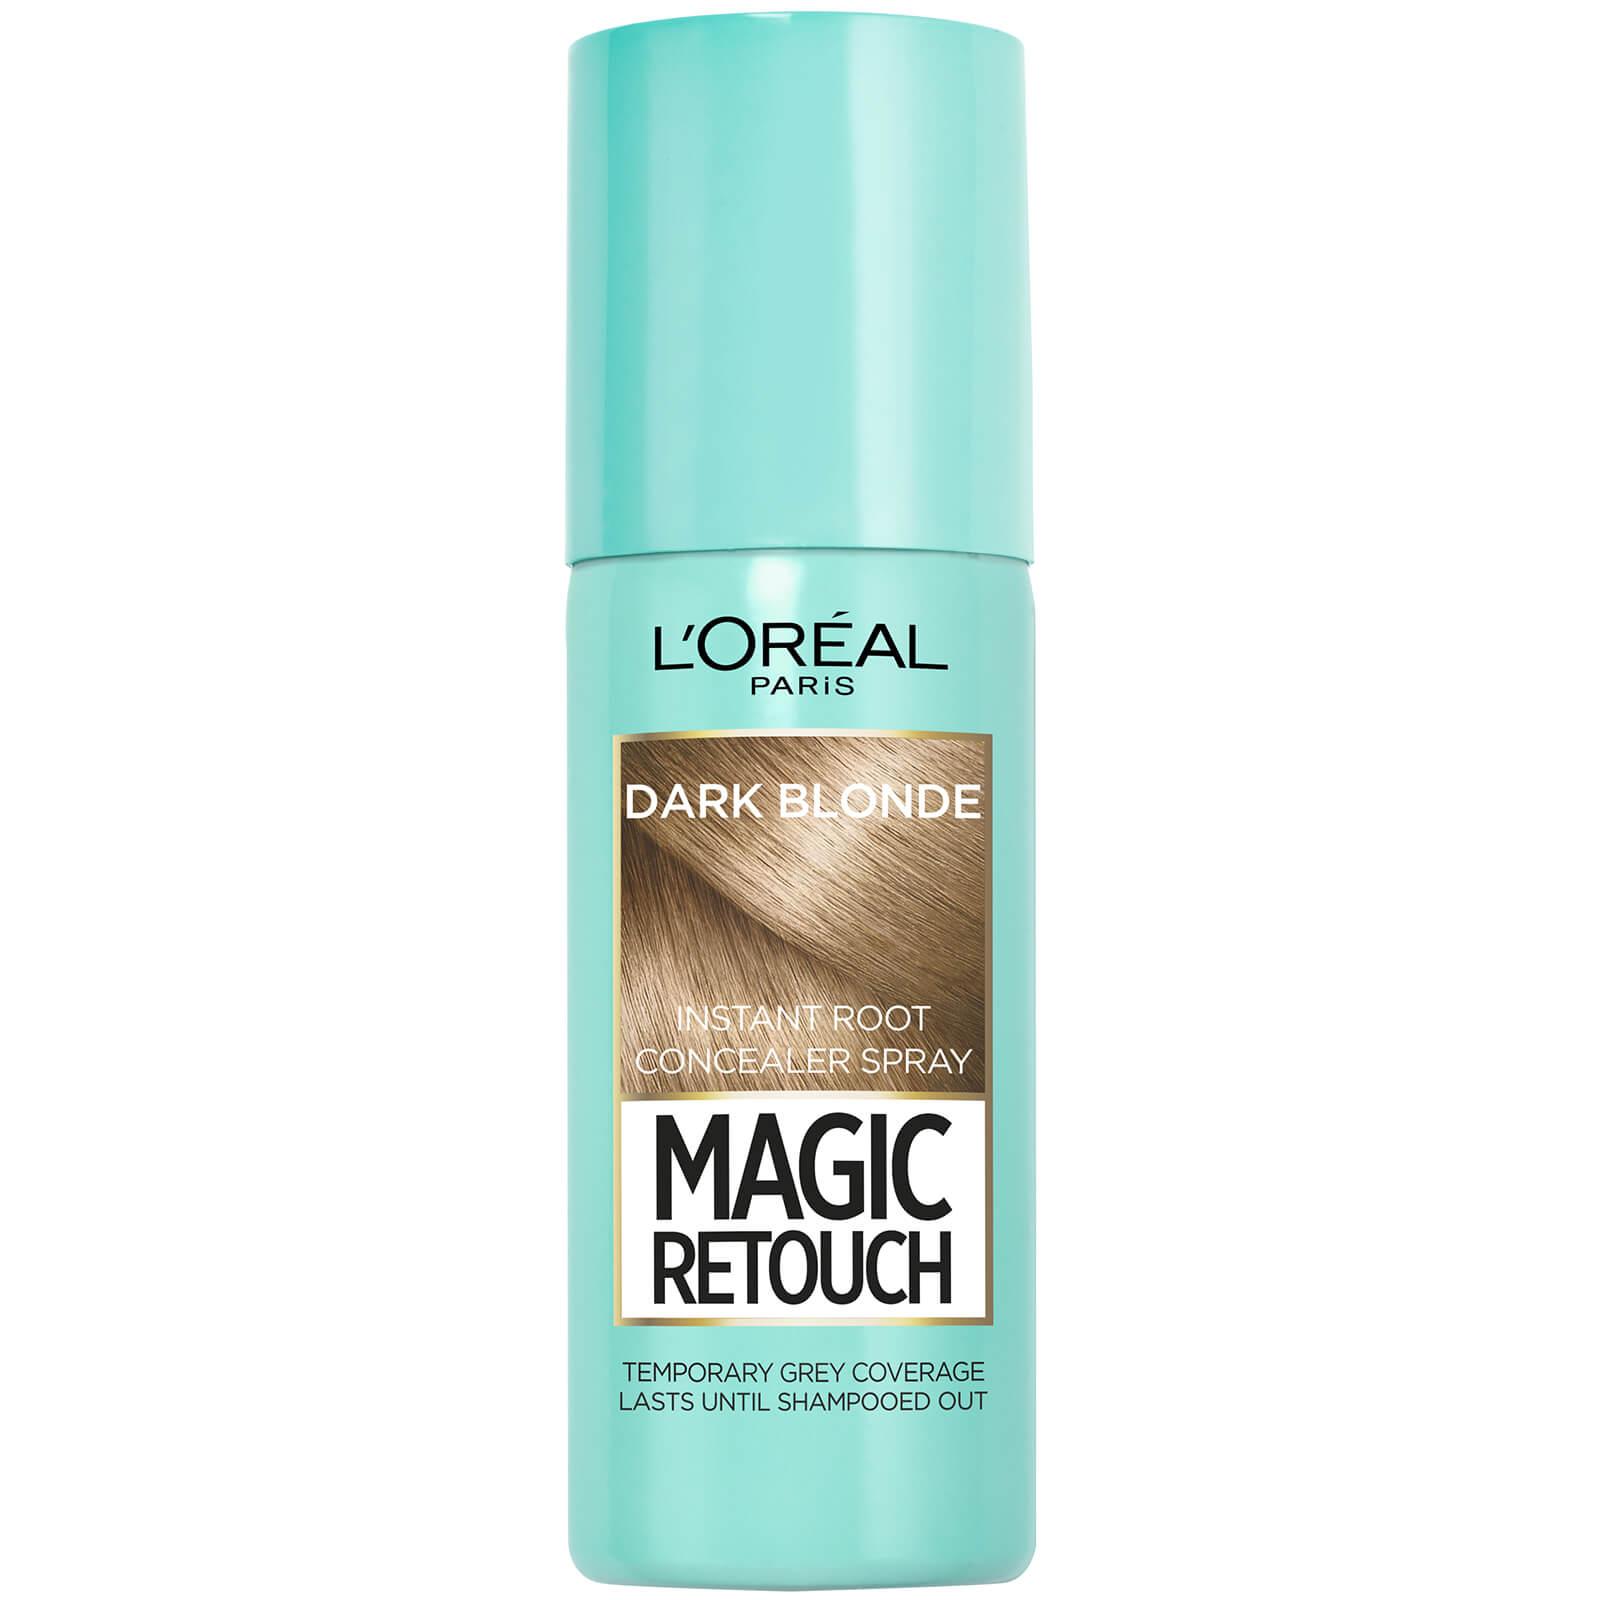 L'Oréal Paris Magic Retouch Root Touch Up - Dark Blonde 75ml